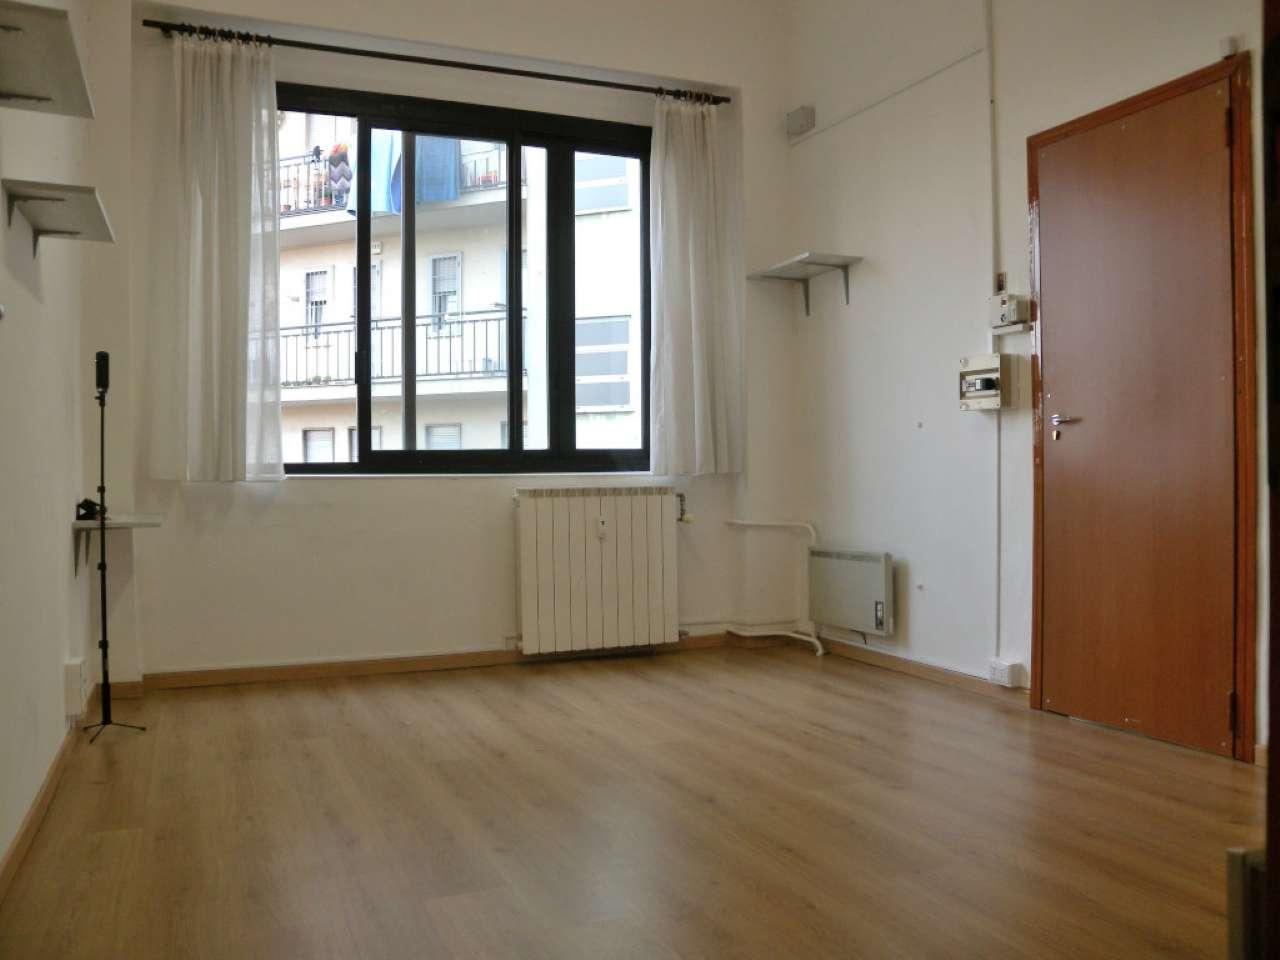 Ufficio-studio in Affitto a Milano 20 Bicocca / Crescenzago / Cimiano: 1 locali, 30 mq